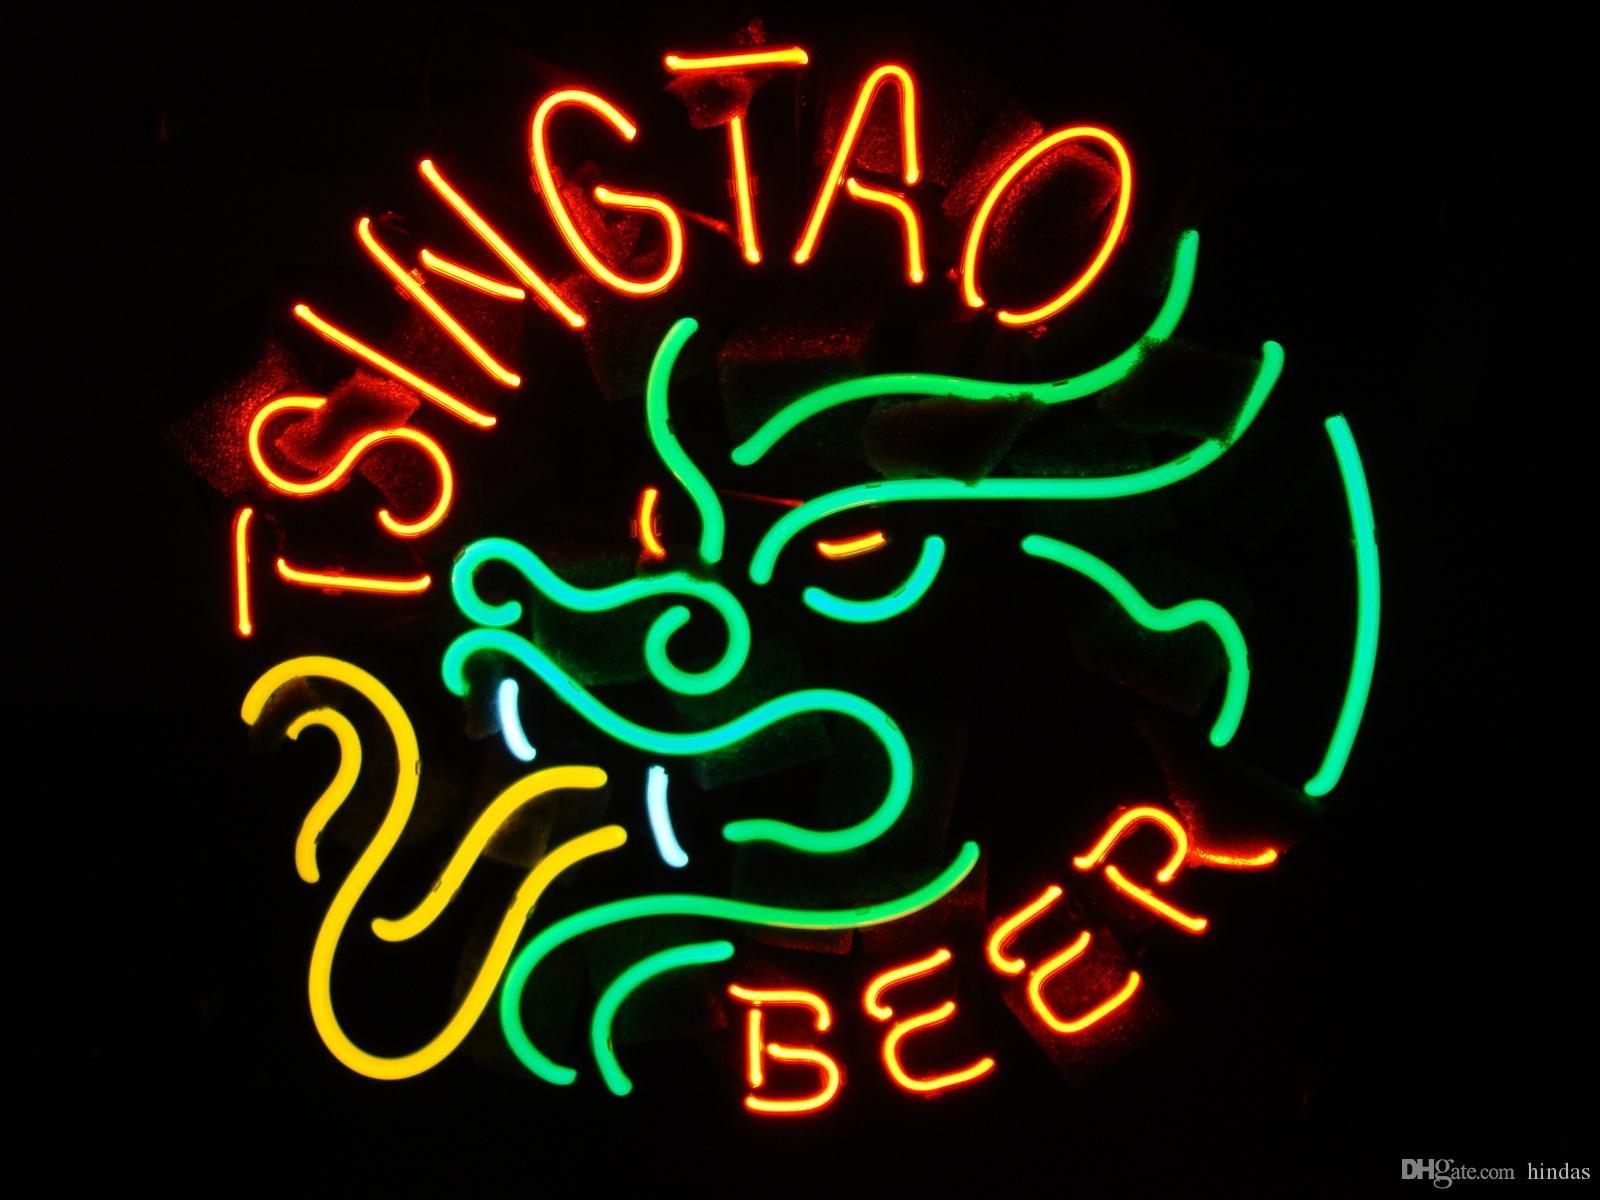 Drago Neon birra segno Bar Iscriviti reale di vetro della luce al neon della birra Tsingtao Brewery segno al neon 16x16